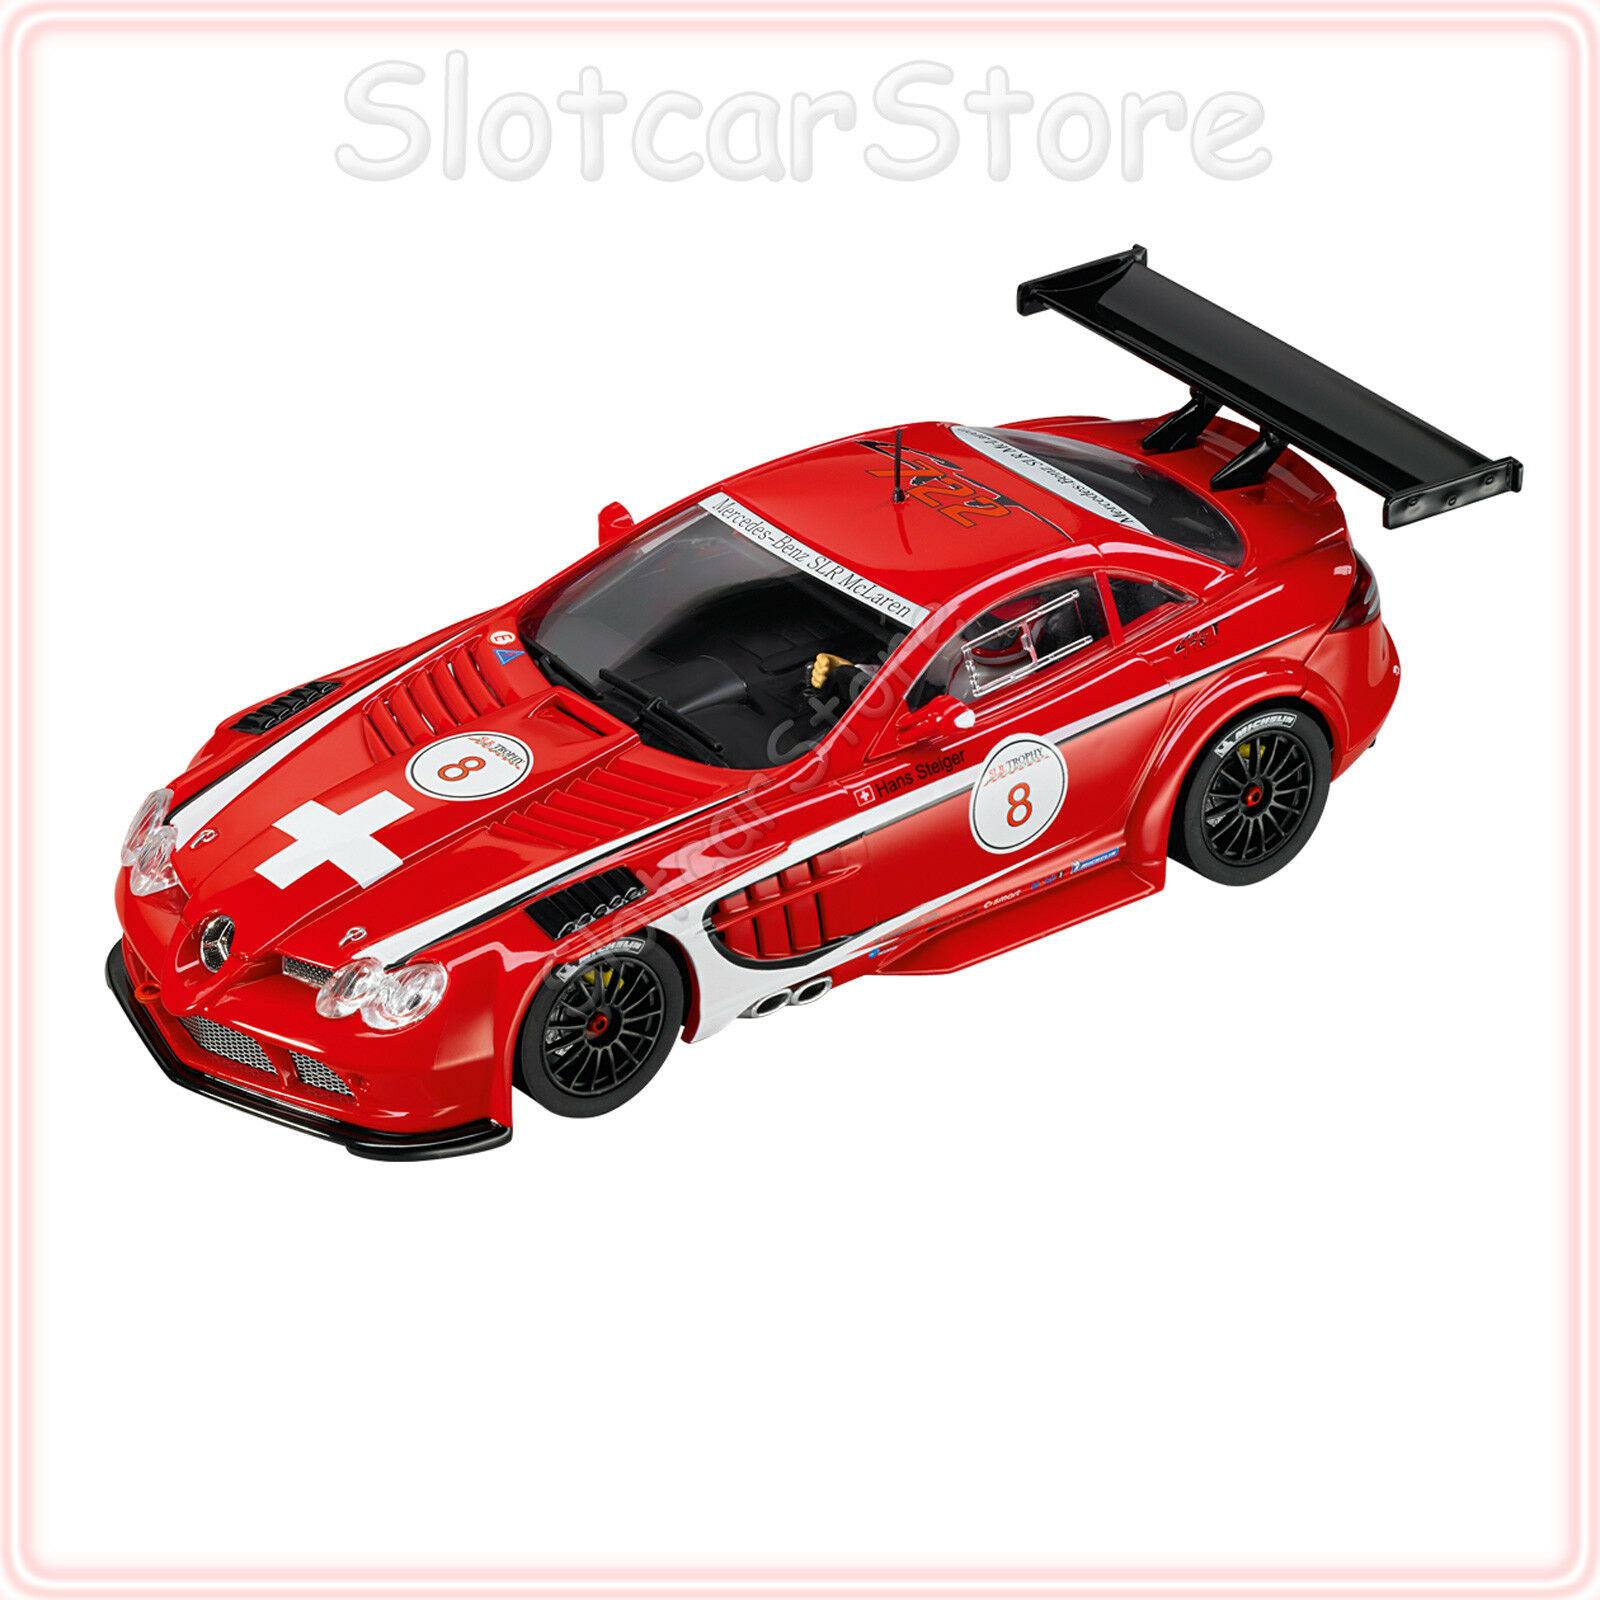 Carrera Evolution 27318 27318 27318 Mercedes-Benz SLR McLaren 722 GT 2008  No.8  1 32 Auto 0fd8b0